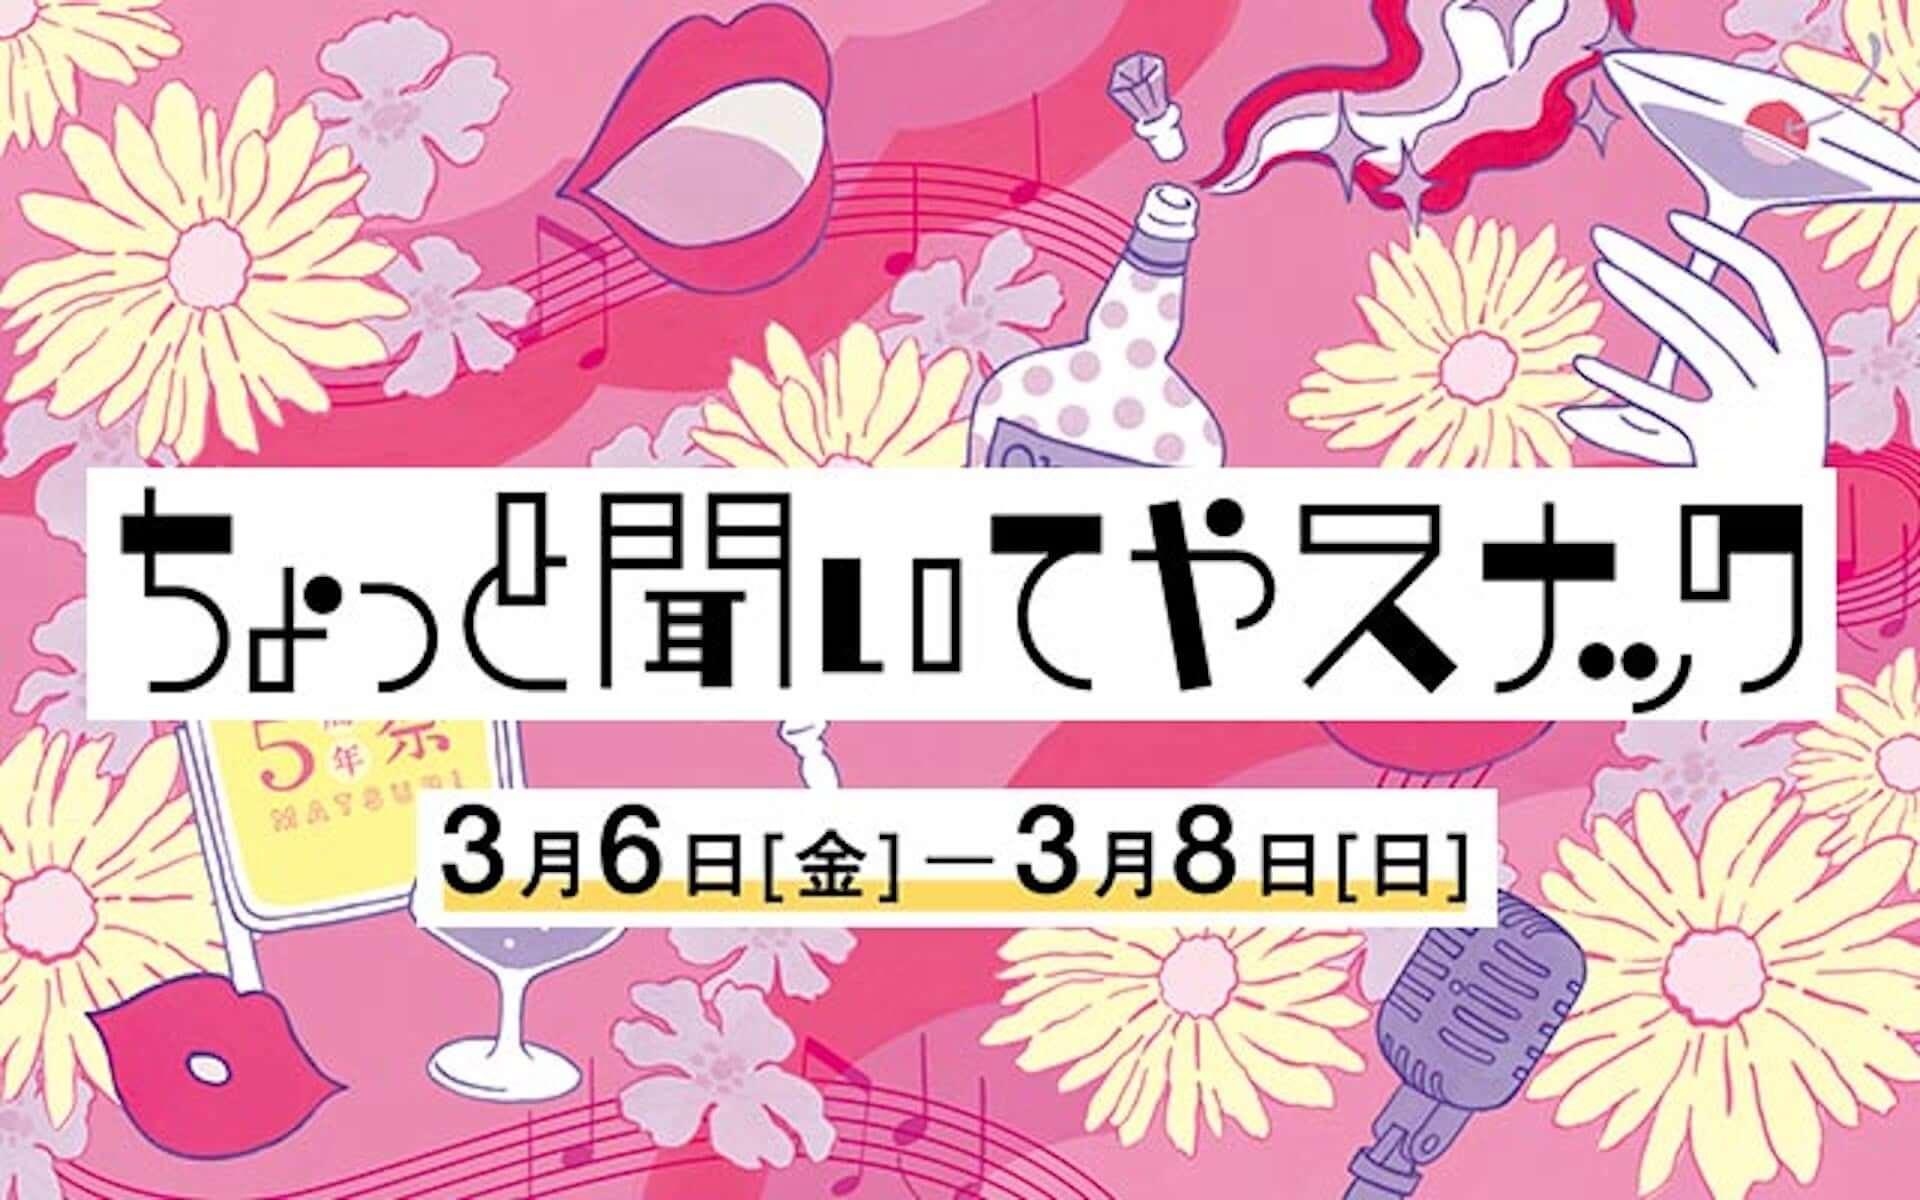 <ルクア大阪の5周年祭>追加コンテンツ第2弾が発表&事前受付開始!YeYe、片桐仁、チャラン・ポ・ランタンが出演決定 art200214_lucua_3-1920x1200